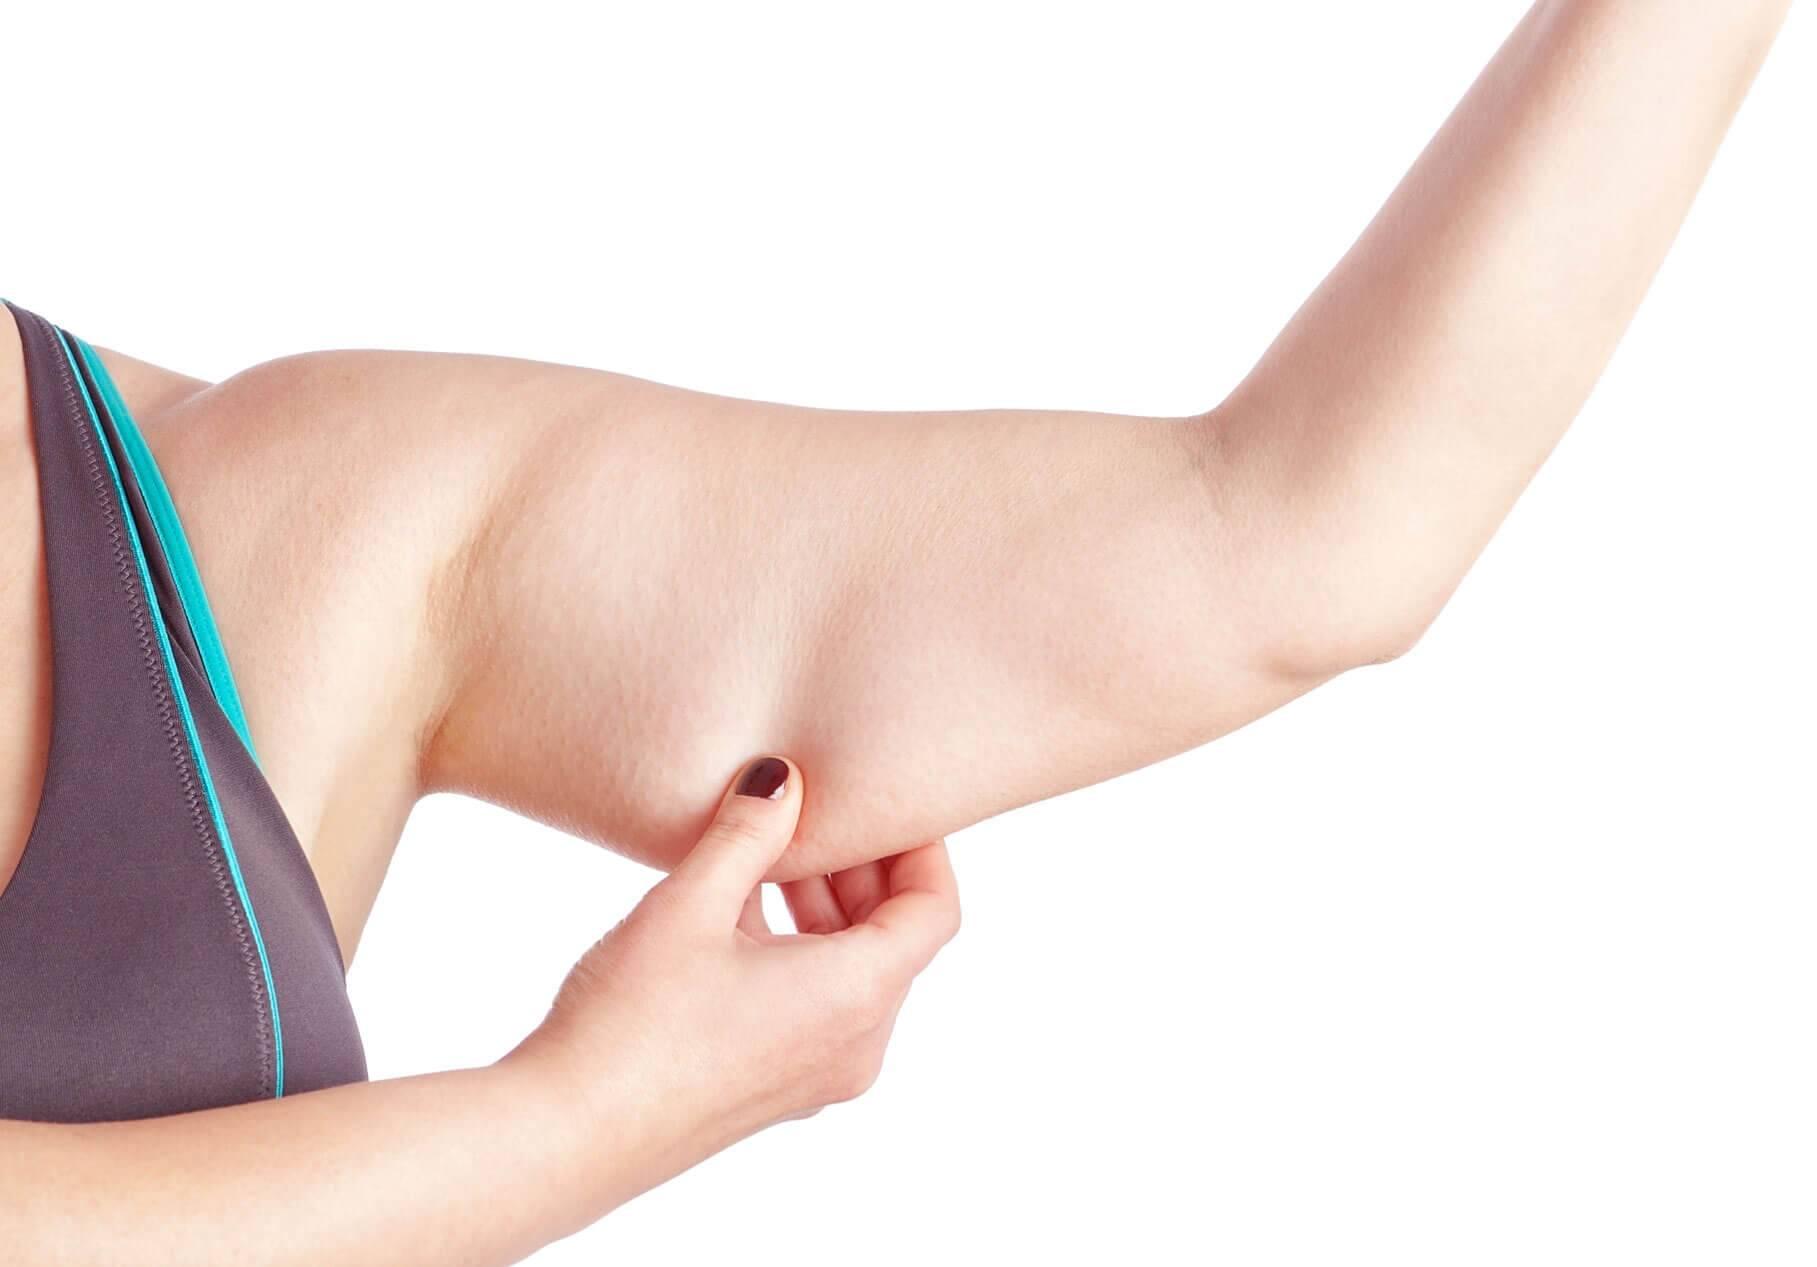 Rf-лифтинг тела: что это такое и как сделать подтяжку без операционного вмешательства и шрамов